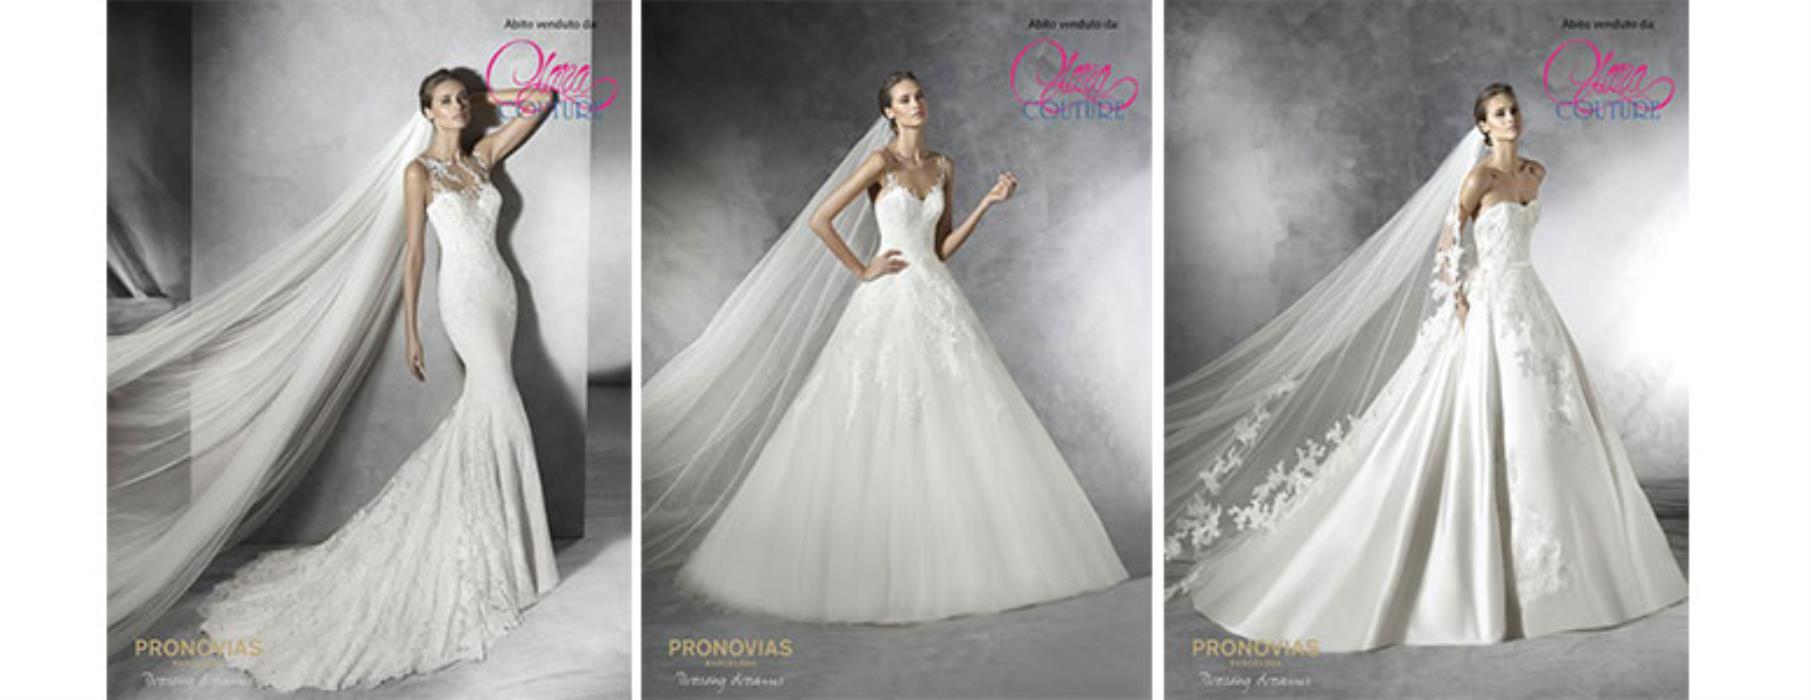 e3ee57b6e555 Abiti da sposa Pronovias a Milano  scopri la nuova collezione